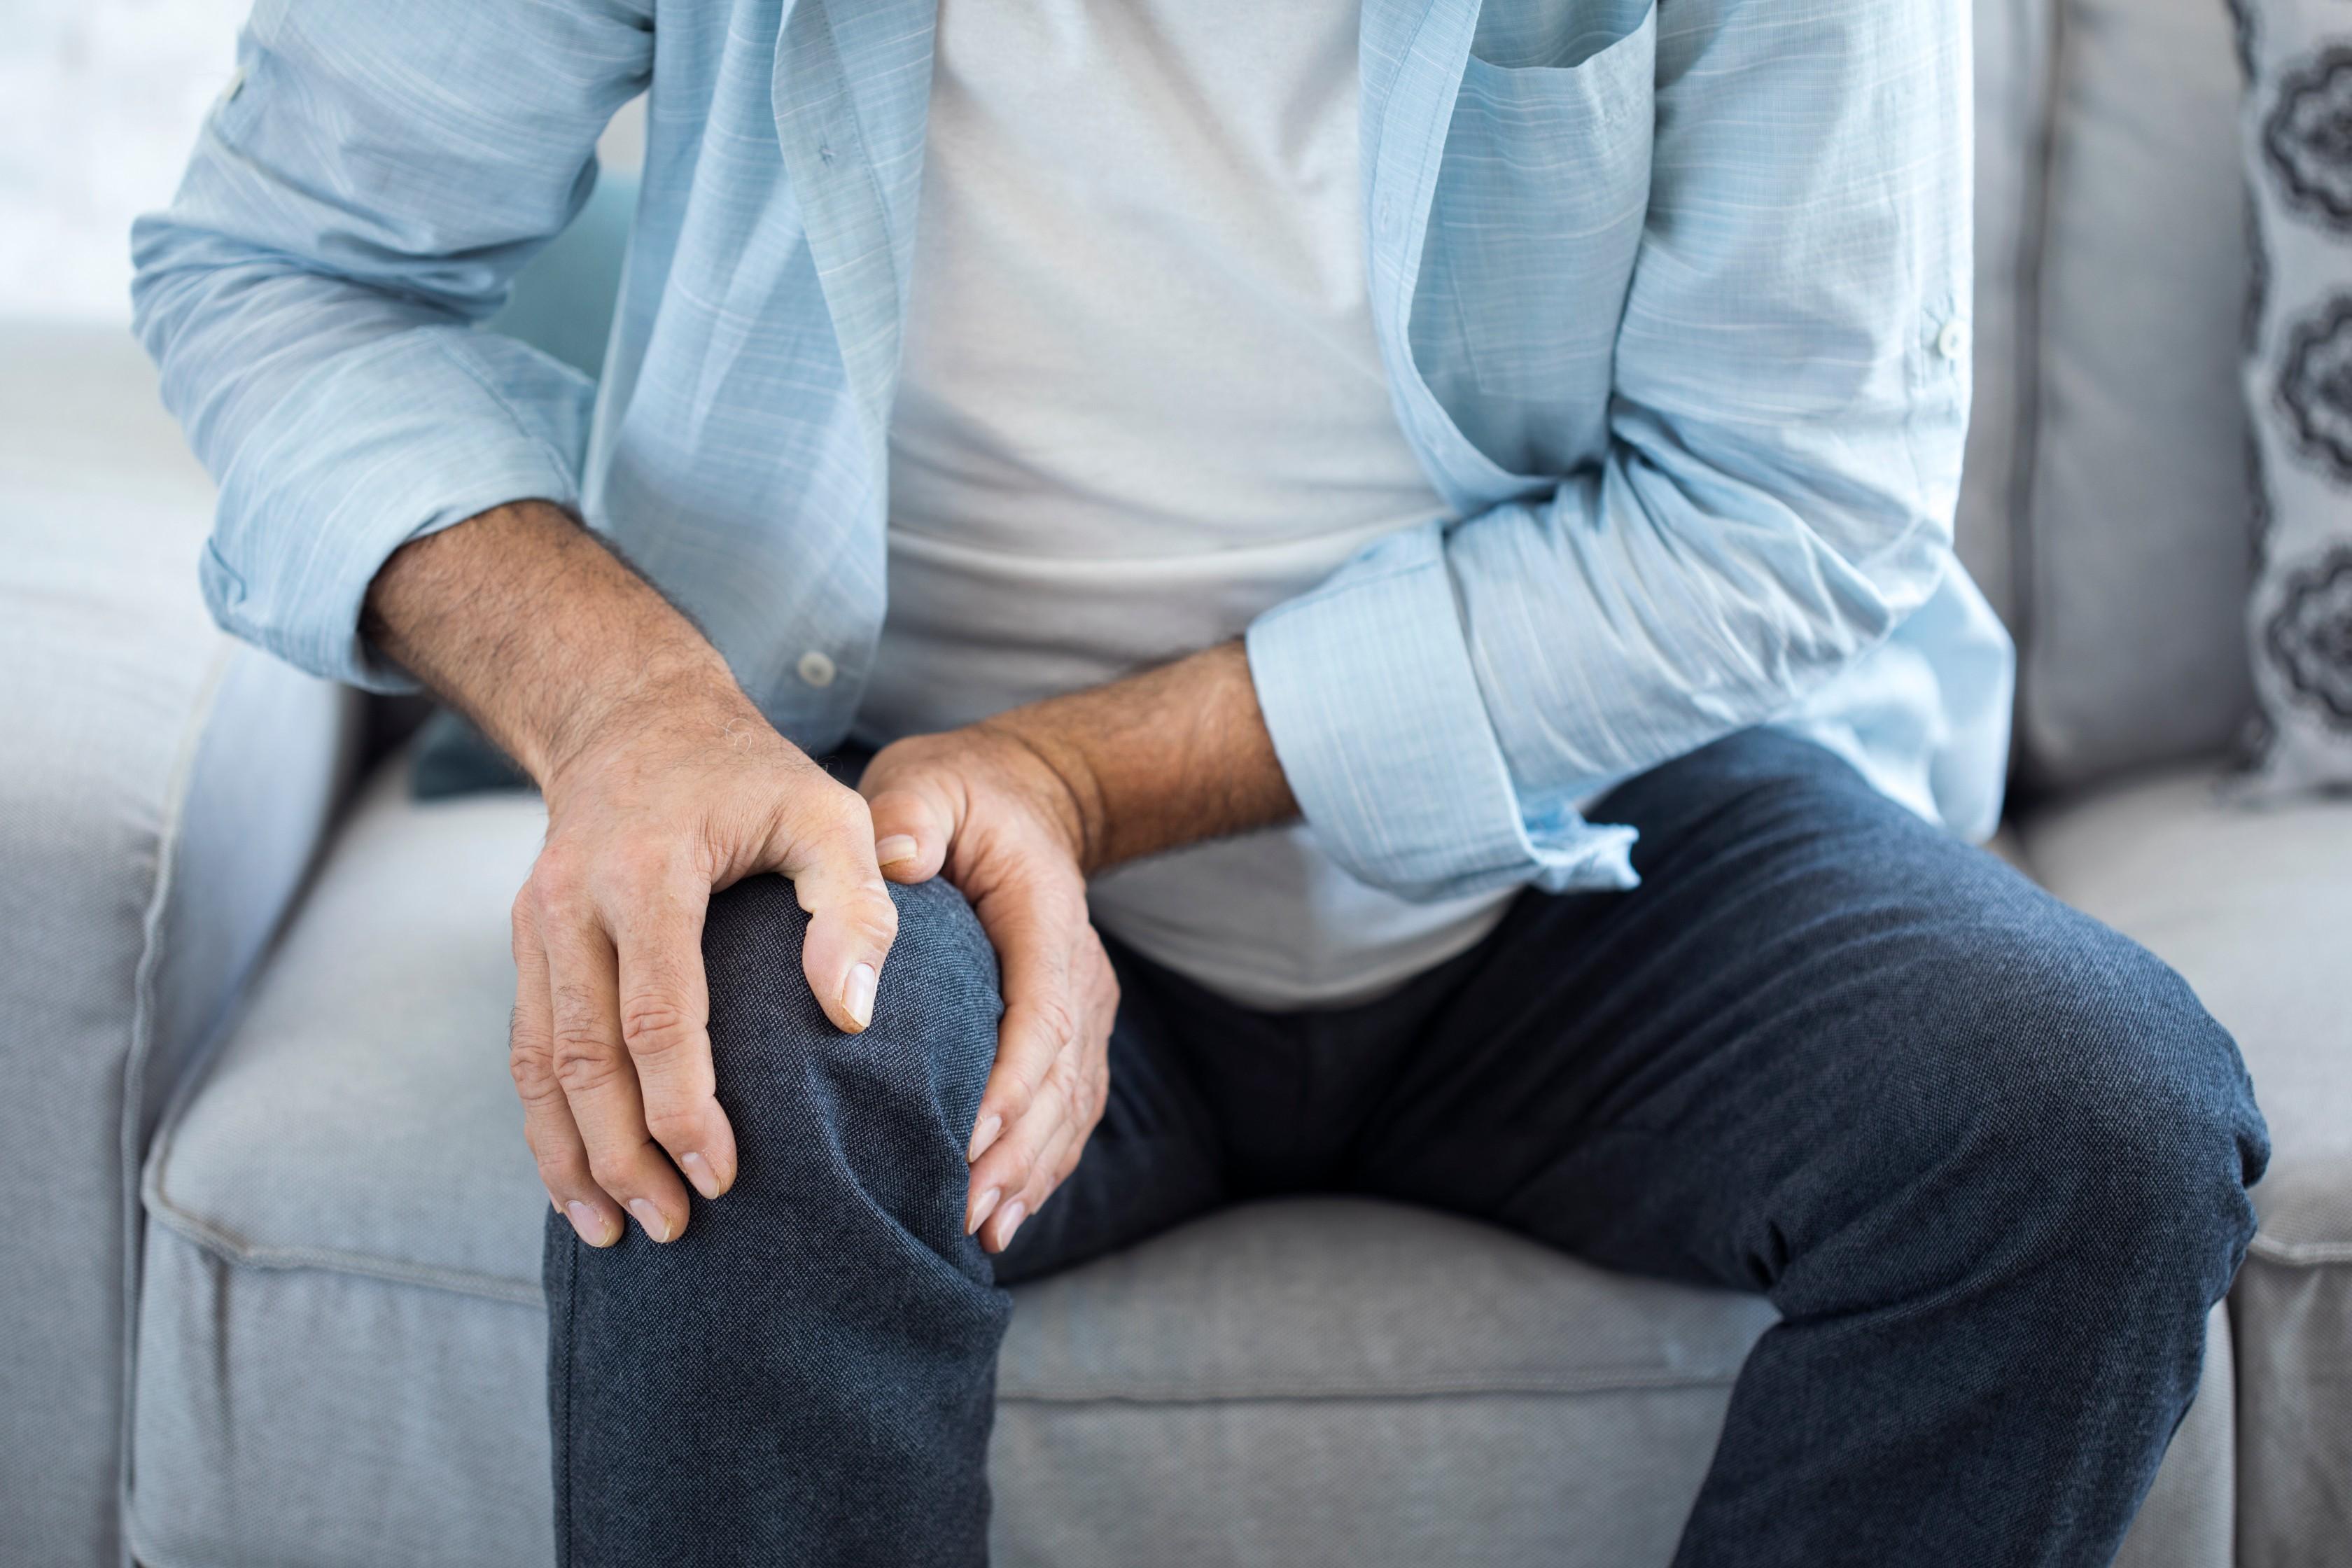 bokaízület duzzanat fájdalom nélkül együttes kezelés kondroprotektorokkal